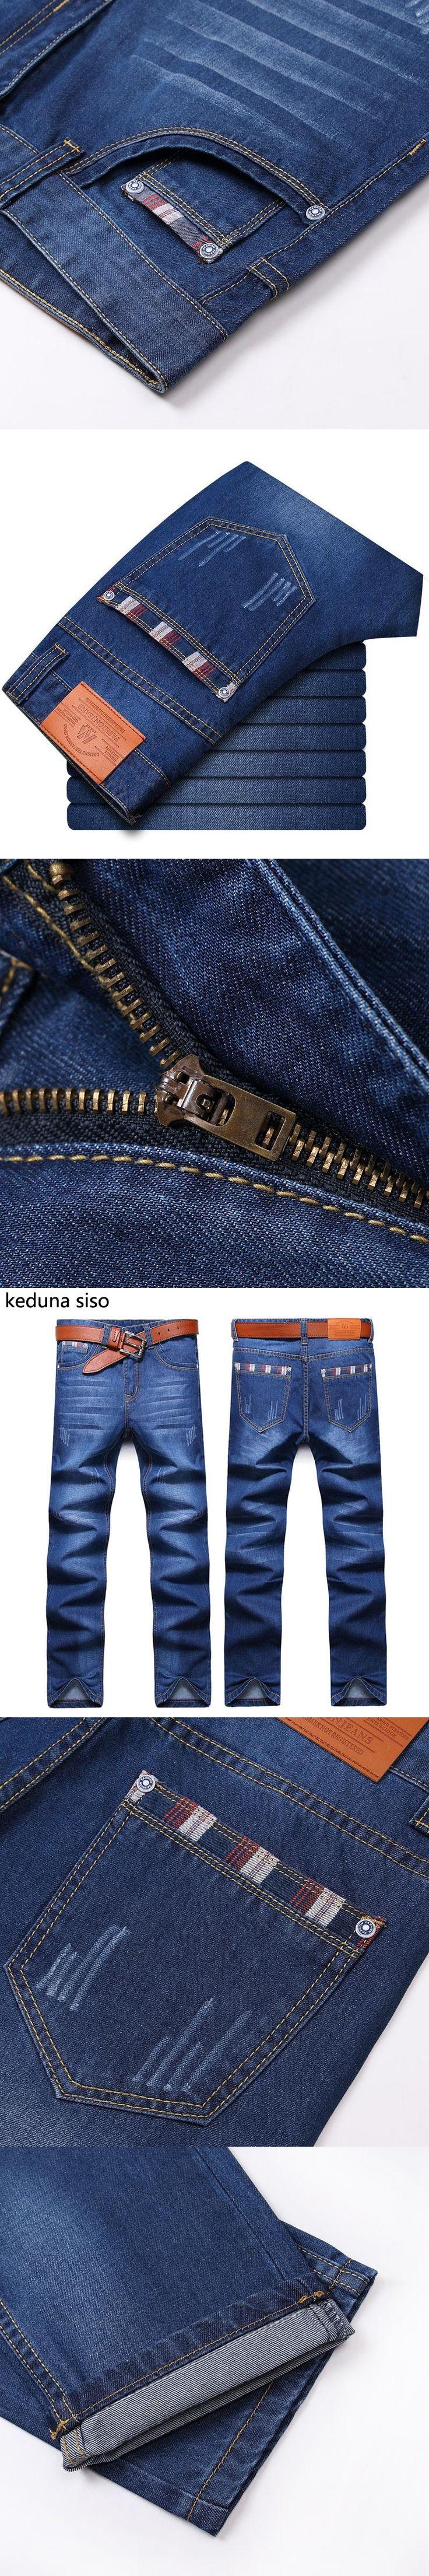 2016 Autumn Mens Biker Jeans Men homme Casual Denim Straight Design Blue Cheap Clothes China Brand Clothing Fog Jeans Men hombre